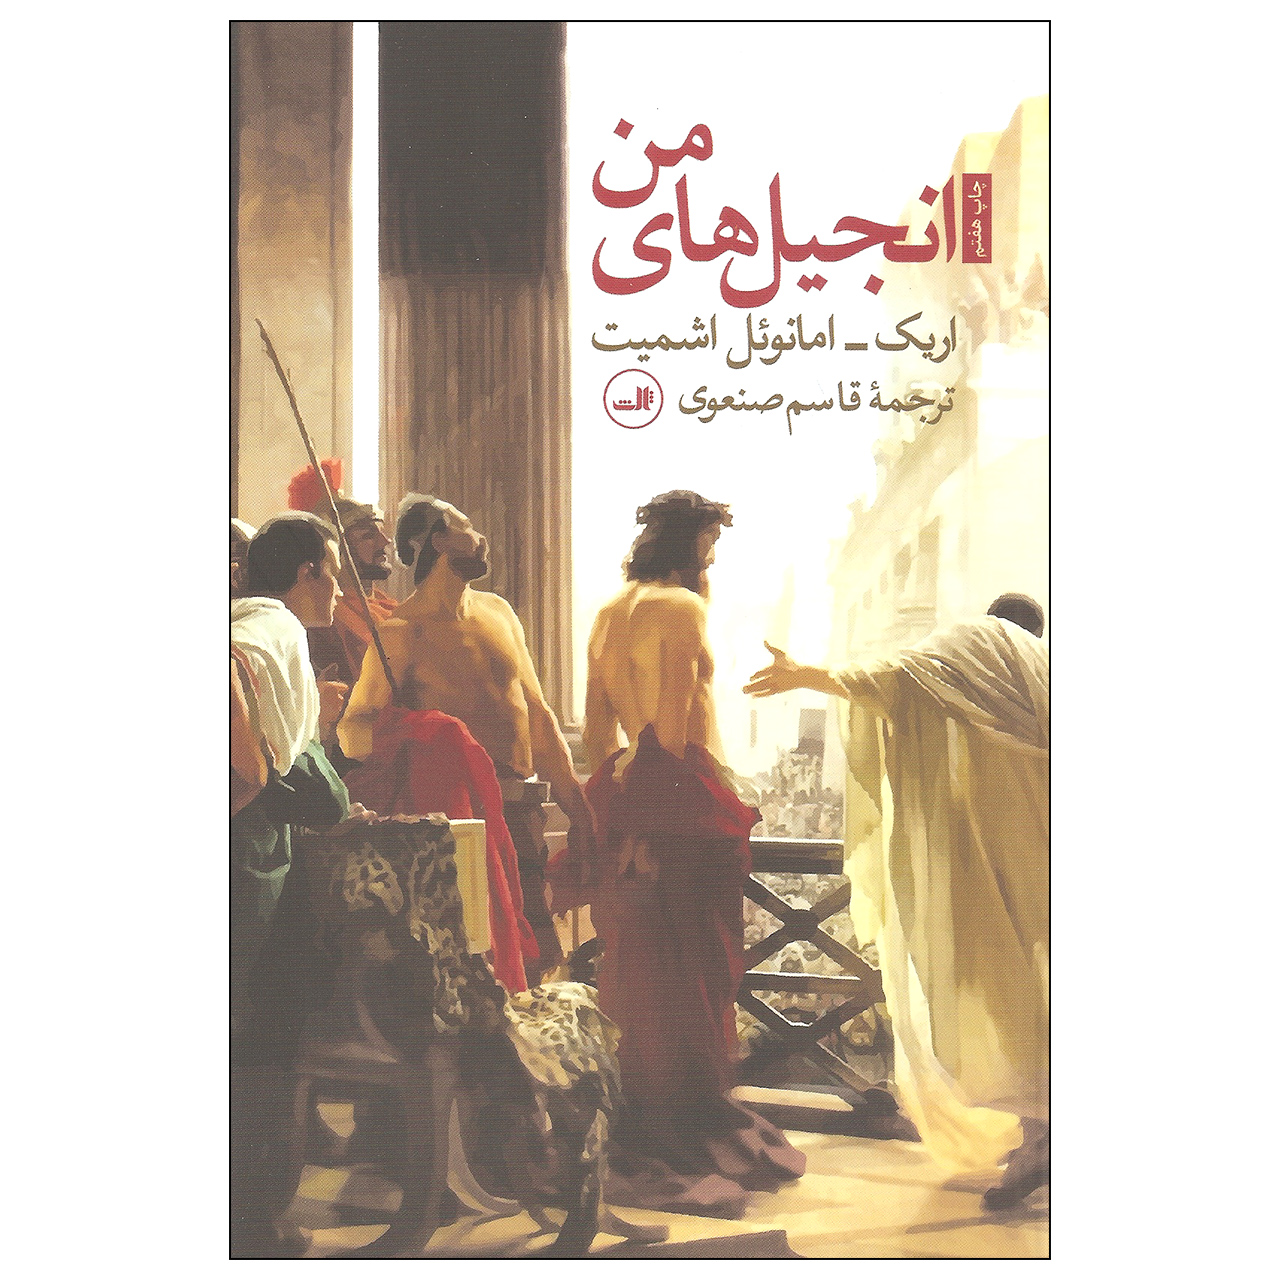 کتاب انجیل های من اثر اریک امانوئل اشمیت نشر ثالث